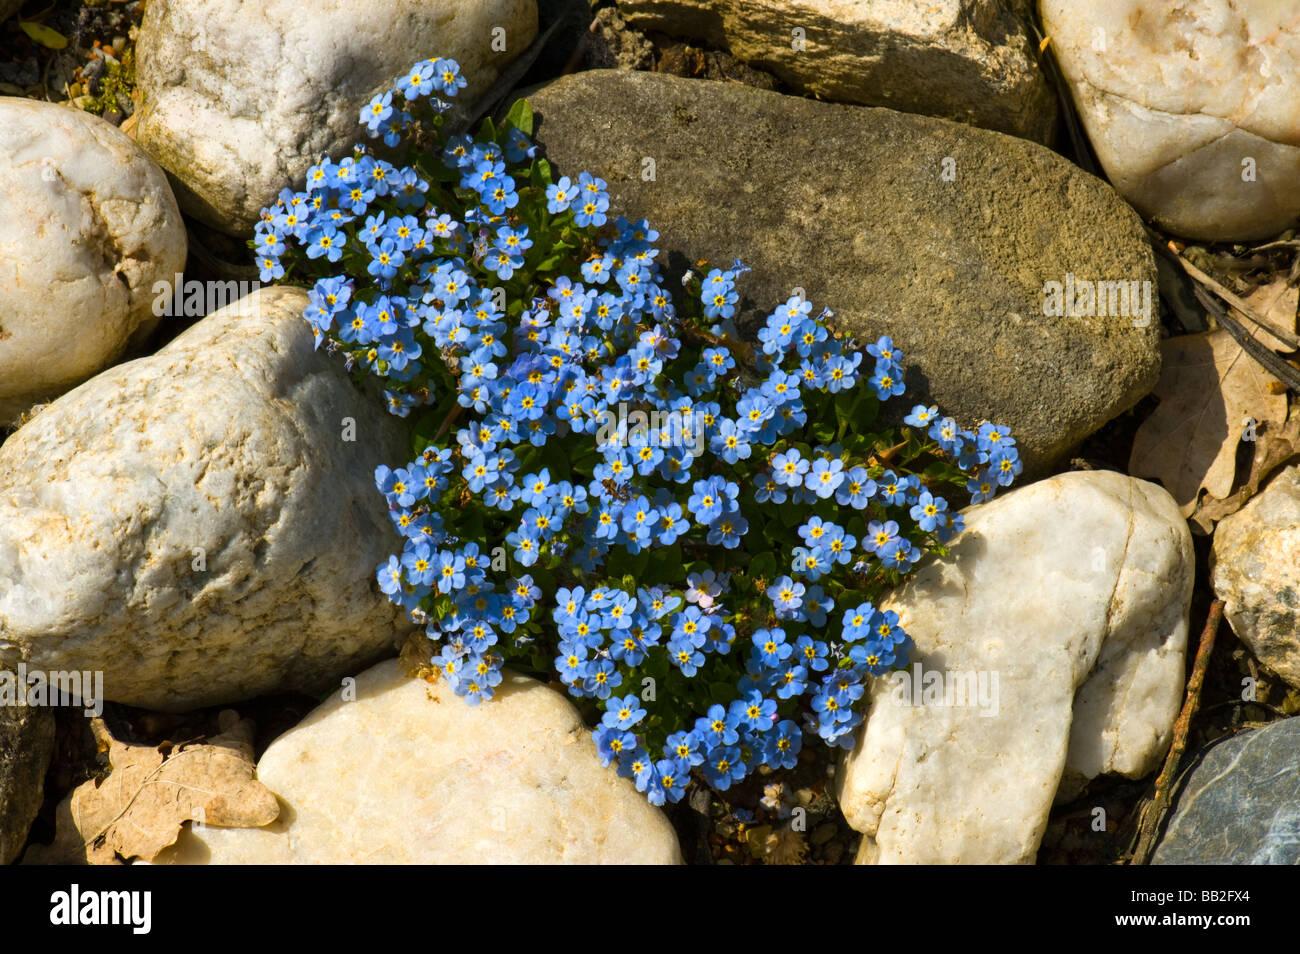 Alpine forget-me-not boraginaceae MYOSOTIS Rehsteineri alpes europe Bodensee-Vergissmeinnicht Bodensee Vergissmeinnicht Stock Photo